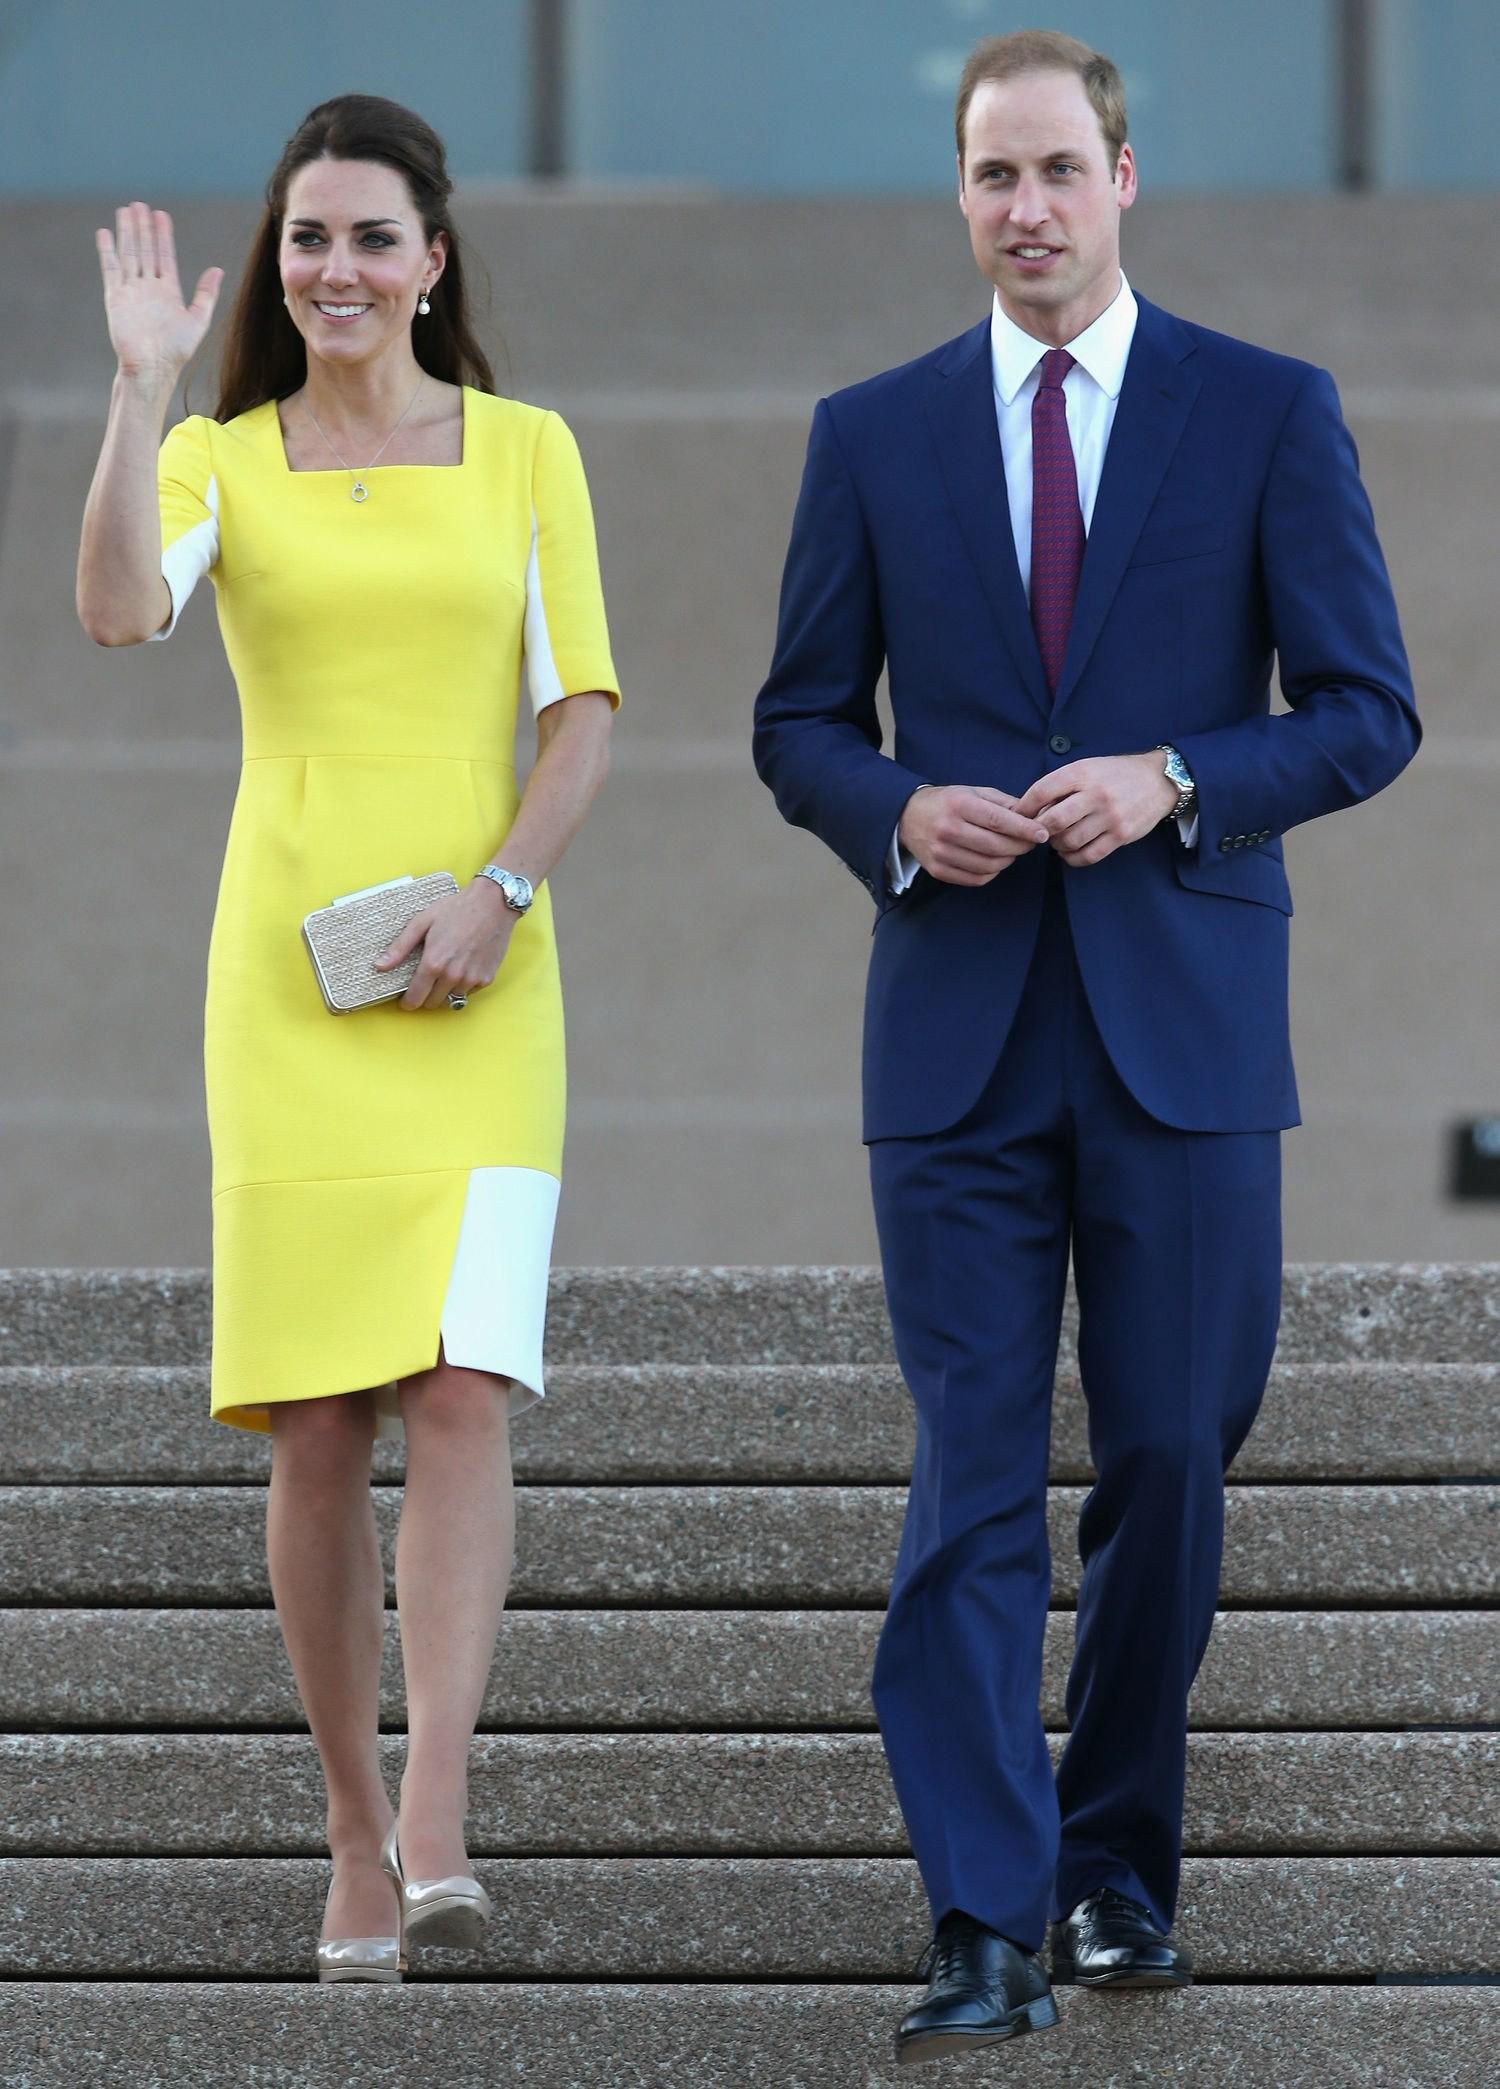 Mặc đẹp là thế, ai ngờ mẫu váy vàng rực rỡ này của Công nương Kate lại từng bị Hoàng tử William ví như 1 quả chuối - Ảnh 1.